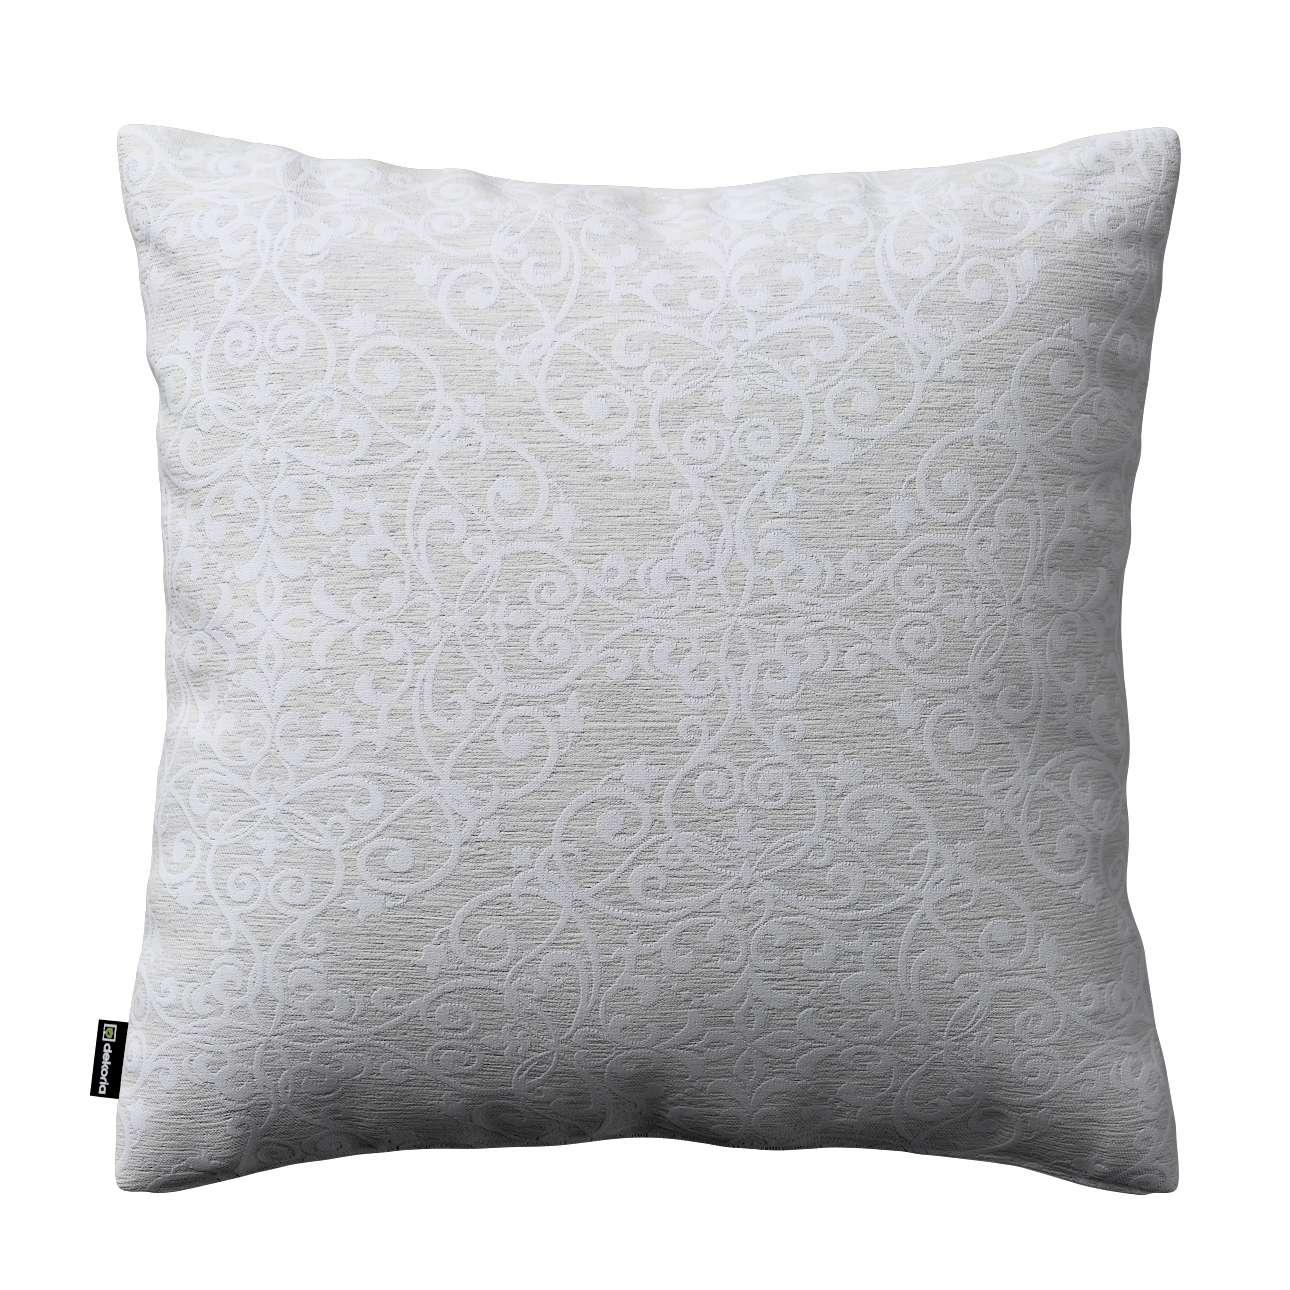 Kinga dekoratyvinės pagalvėlės užvalkalas 43 x 43 cm kolekcijoje Venice, audinys: 140-49